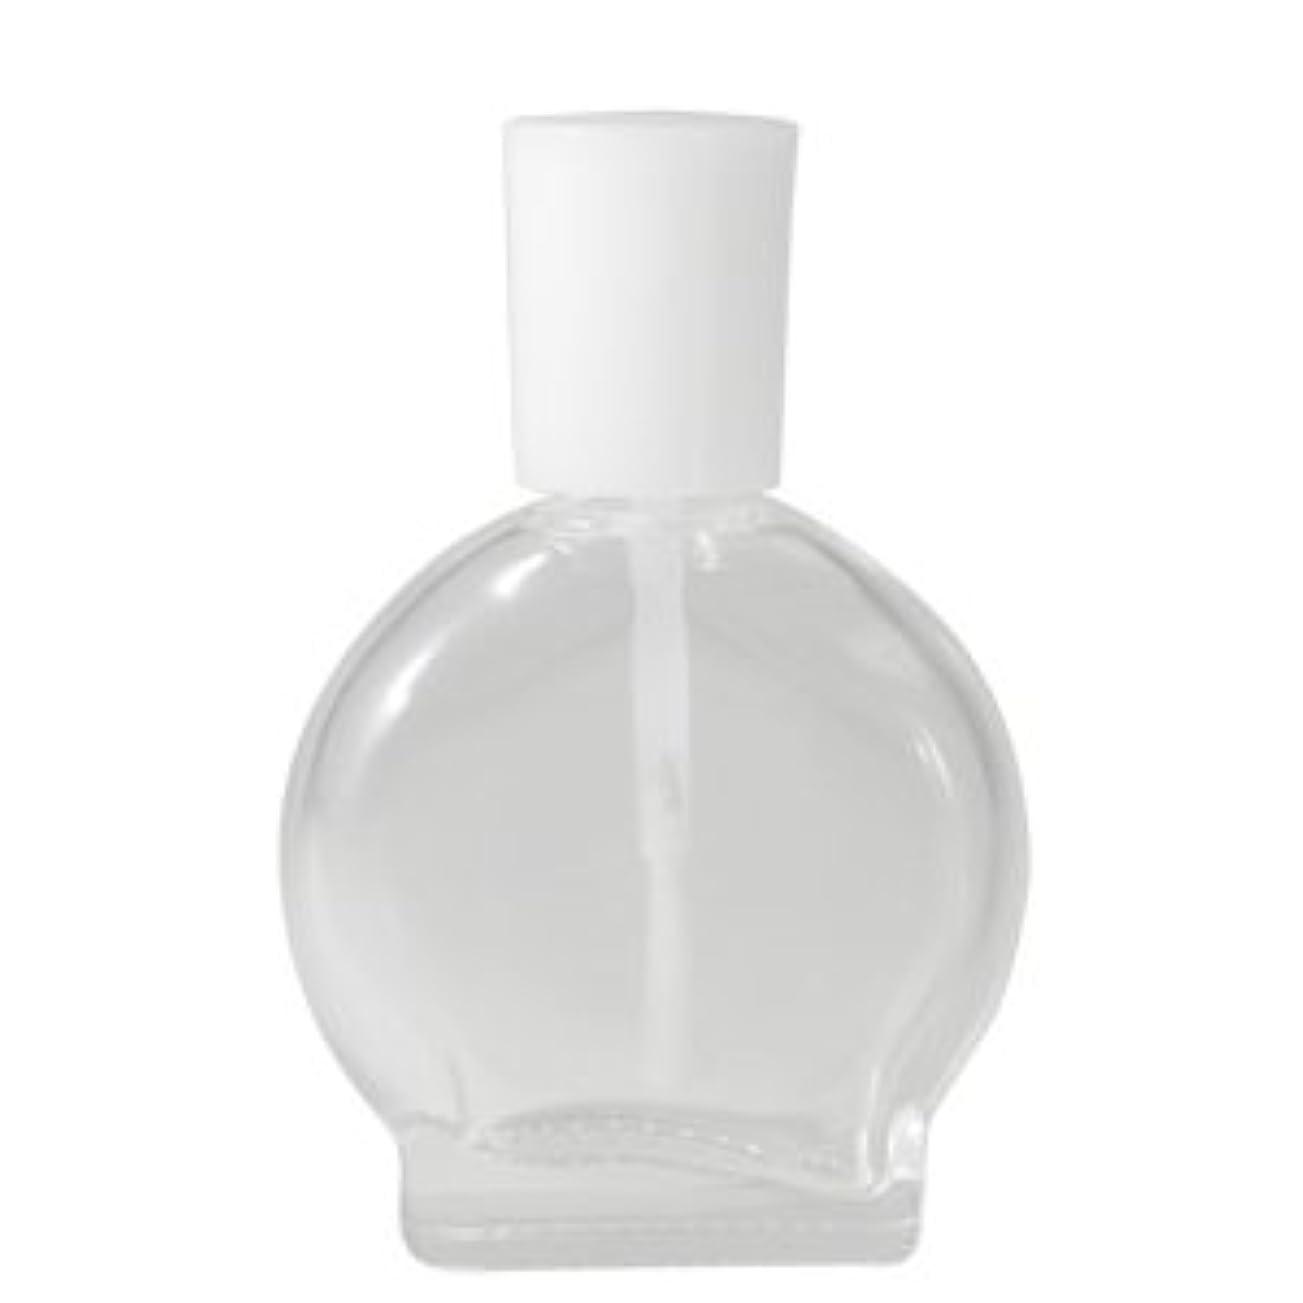 不要一人で注入するエナメルボトル マニキュア瓶 16ml 化粧品容器